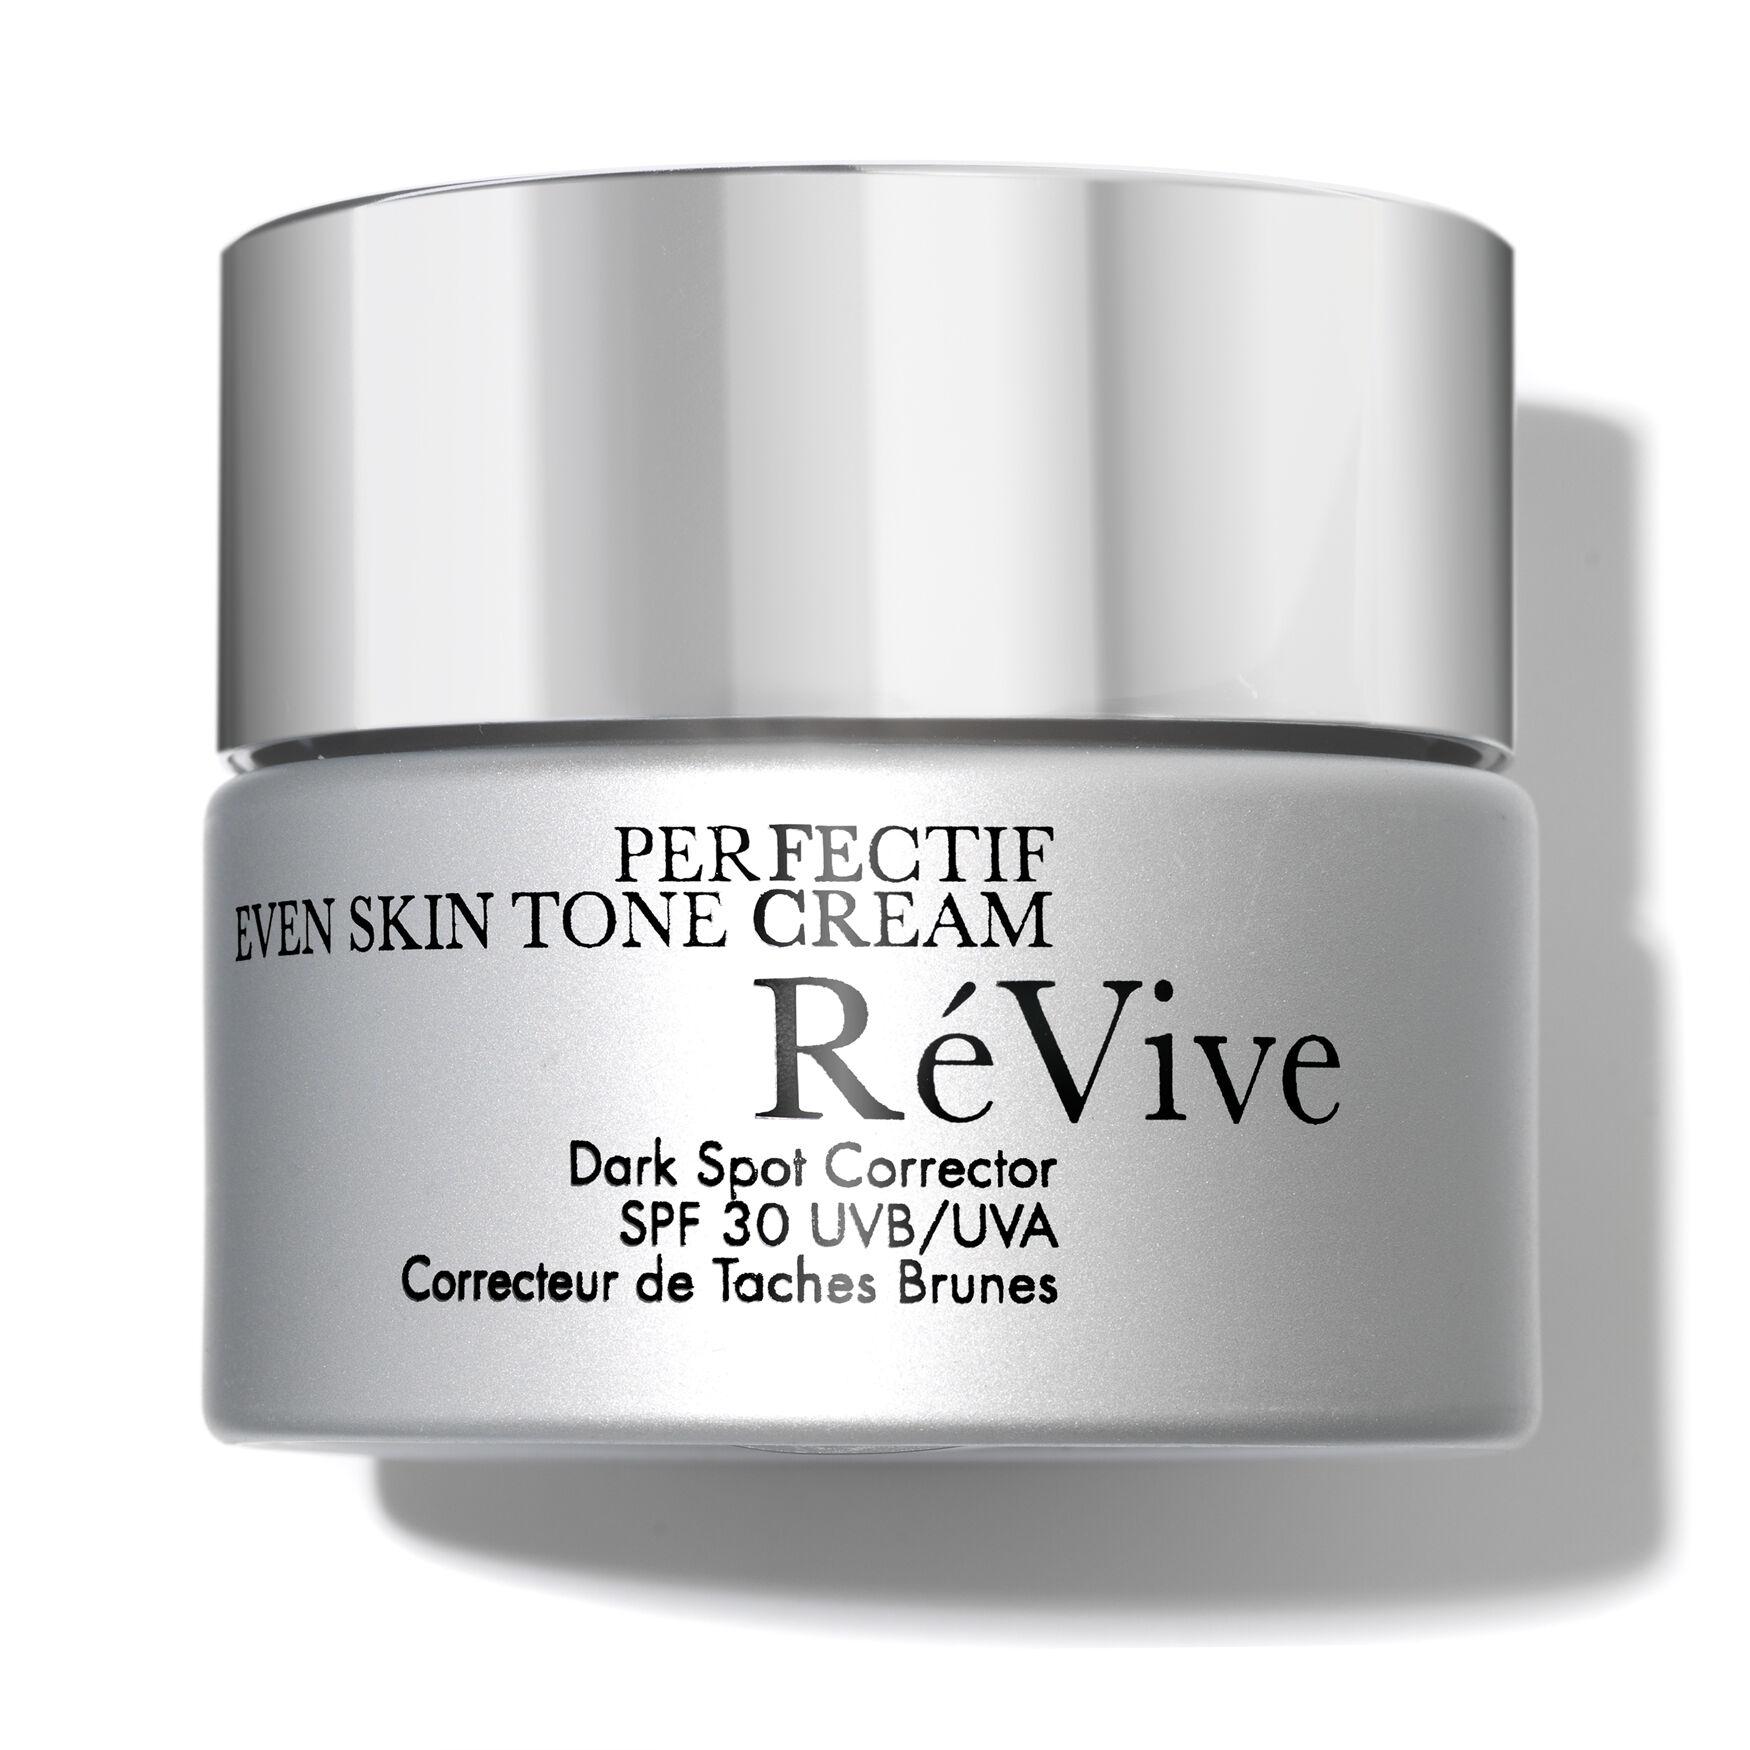 Révive Perfectif Even Skin Tone Cream Dark Spot Corrector Spf 30 Space Nk